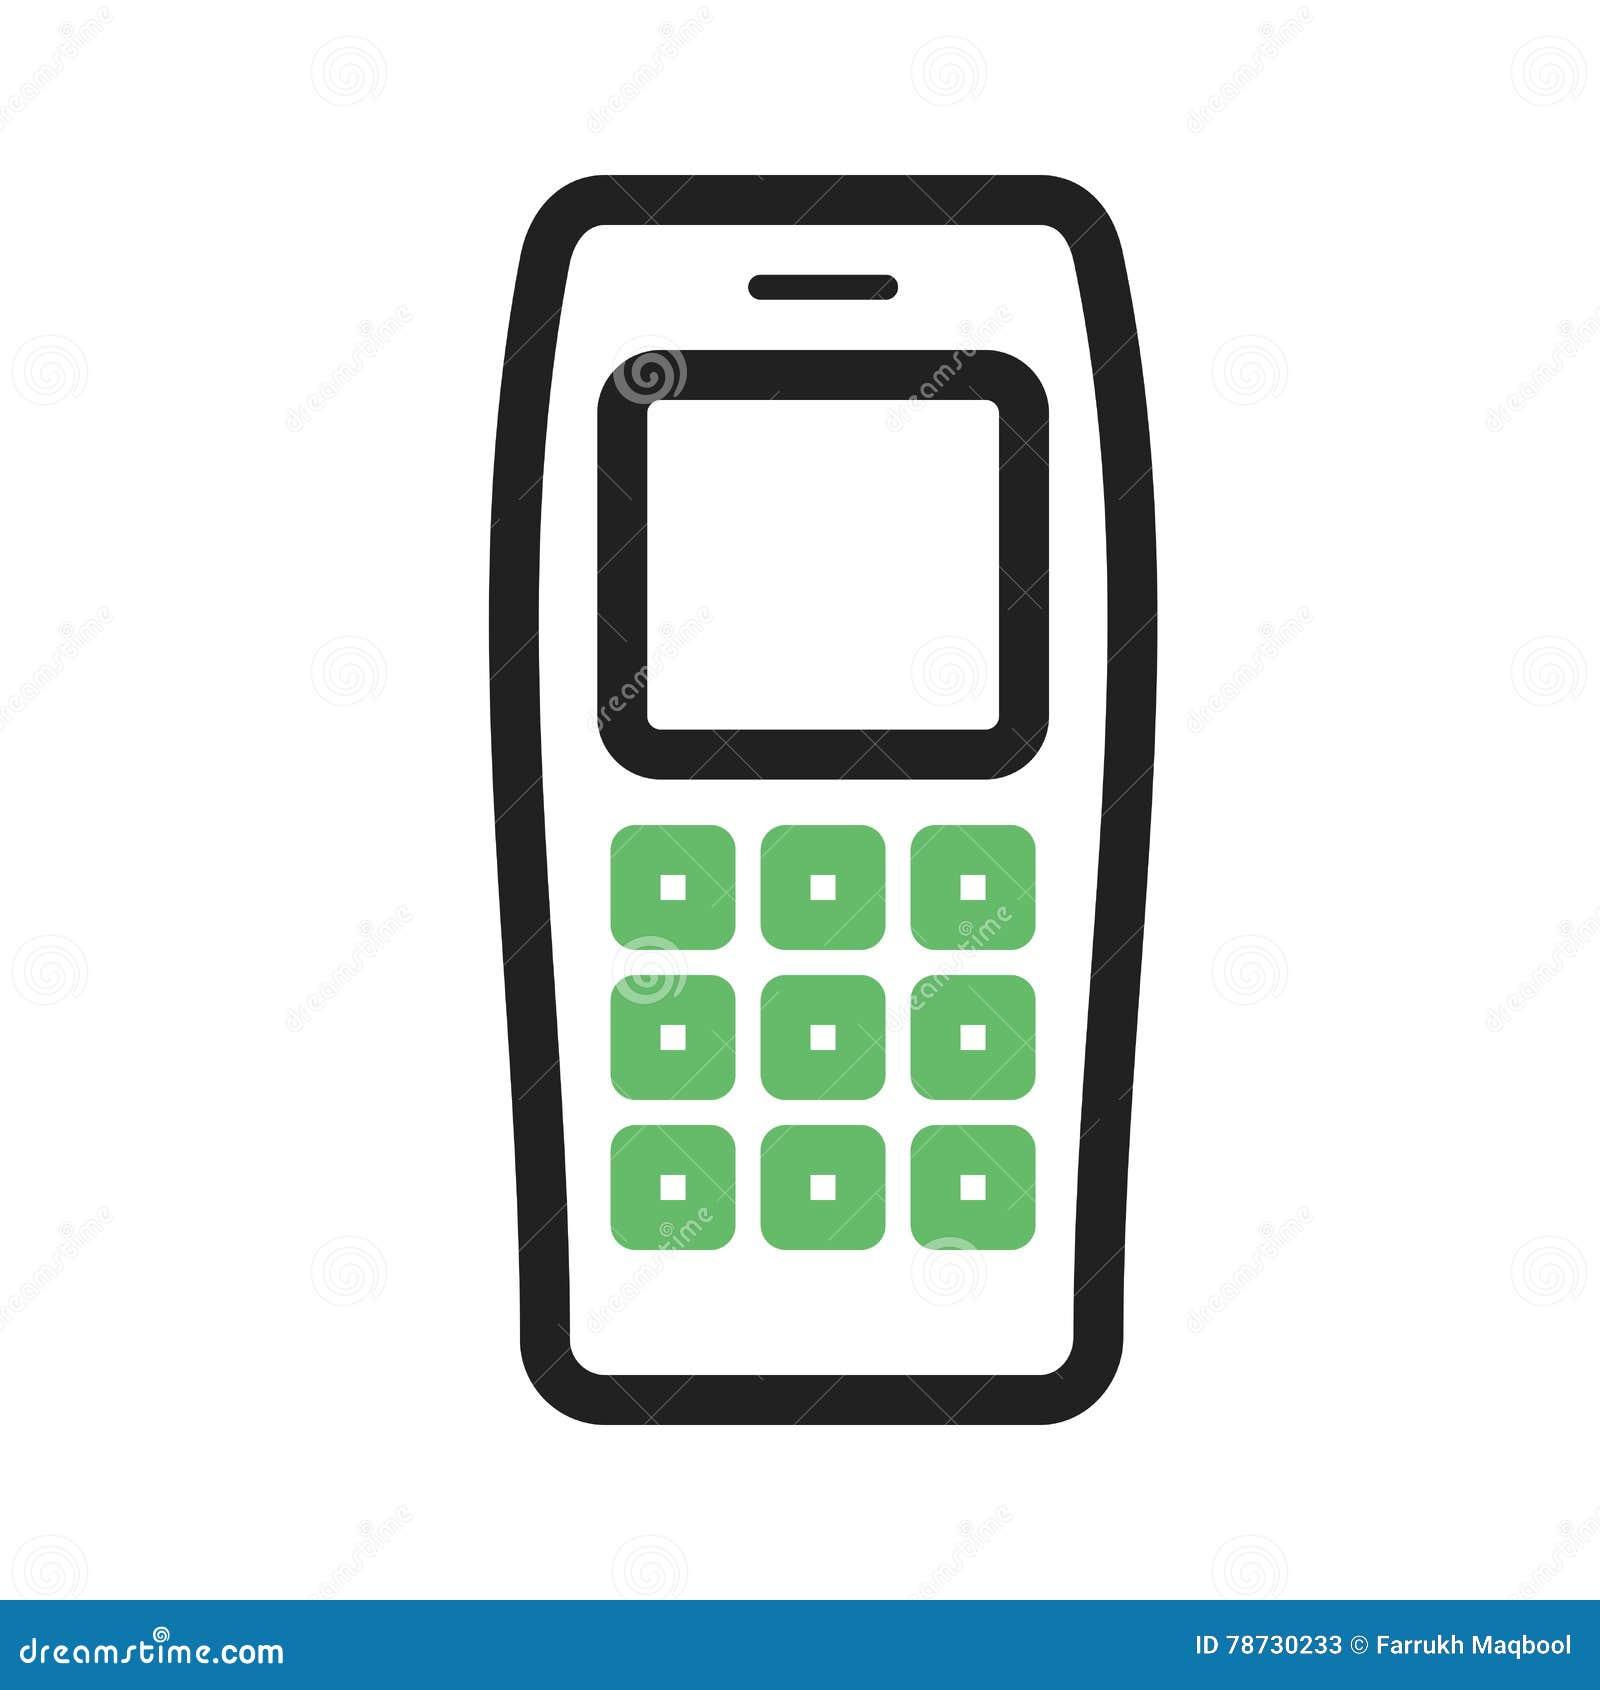 Buttons celltelefonen